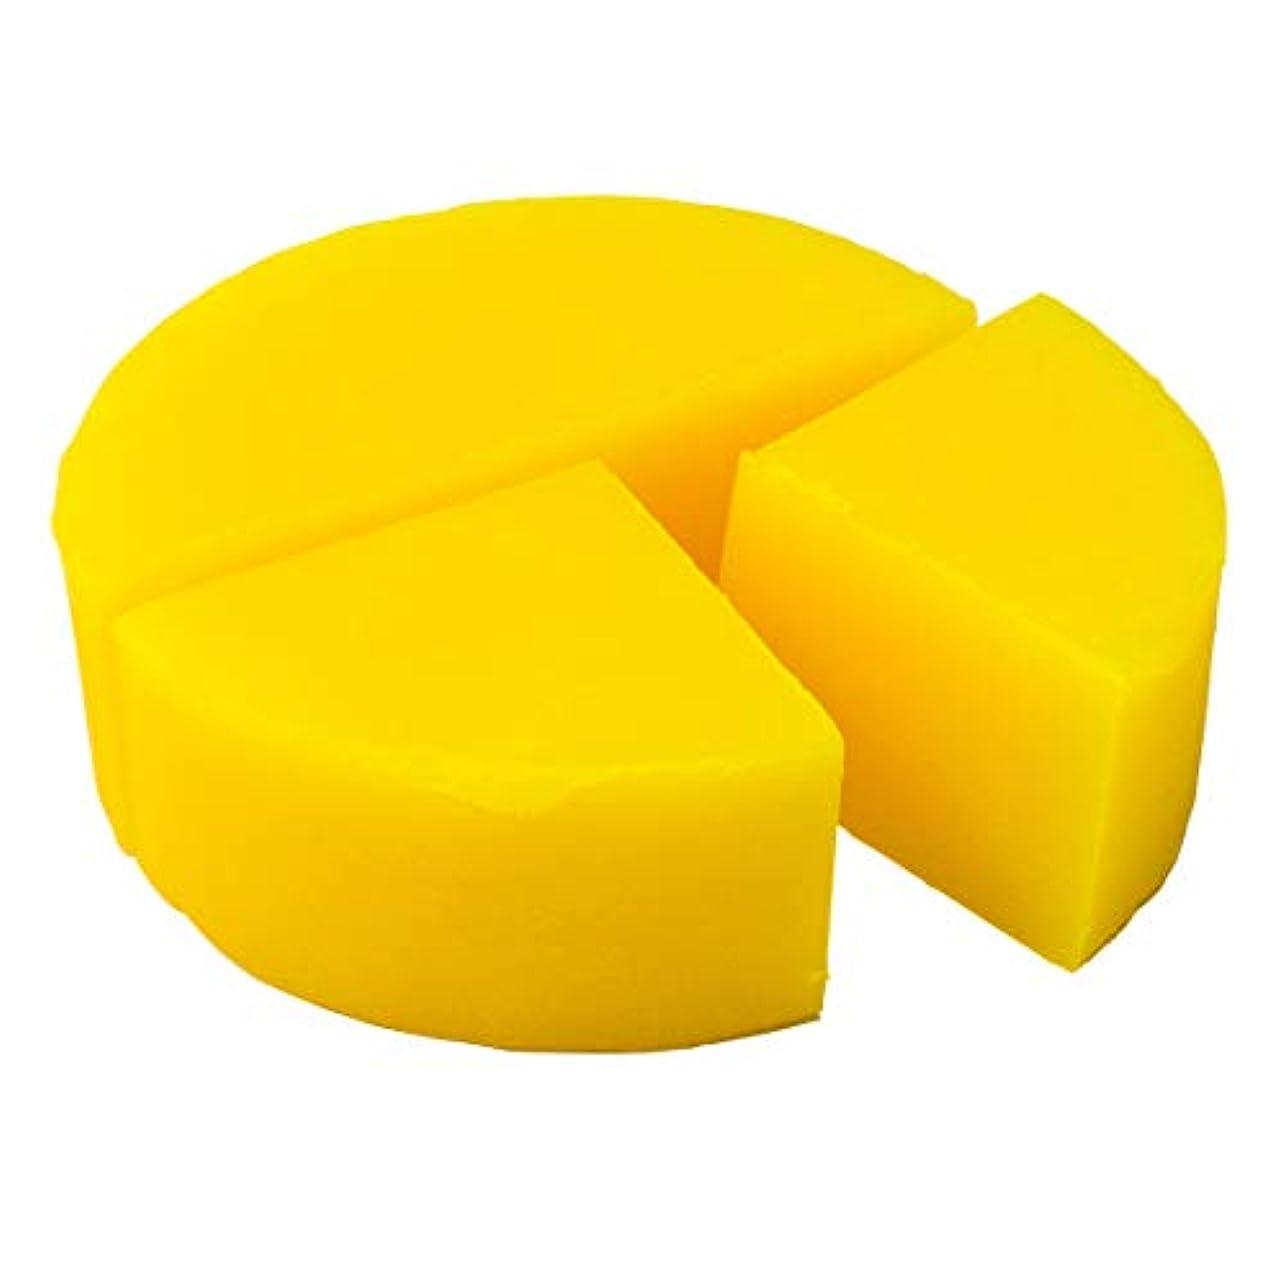 バッフル匿名ブームグリセリン クリアソープ 色チップ 黄 100g (MPソープ)